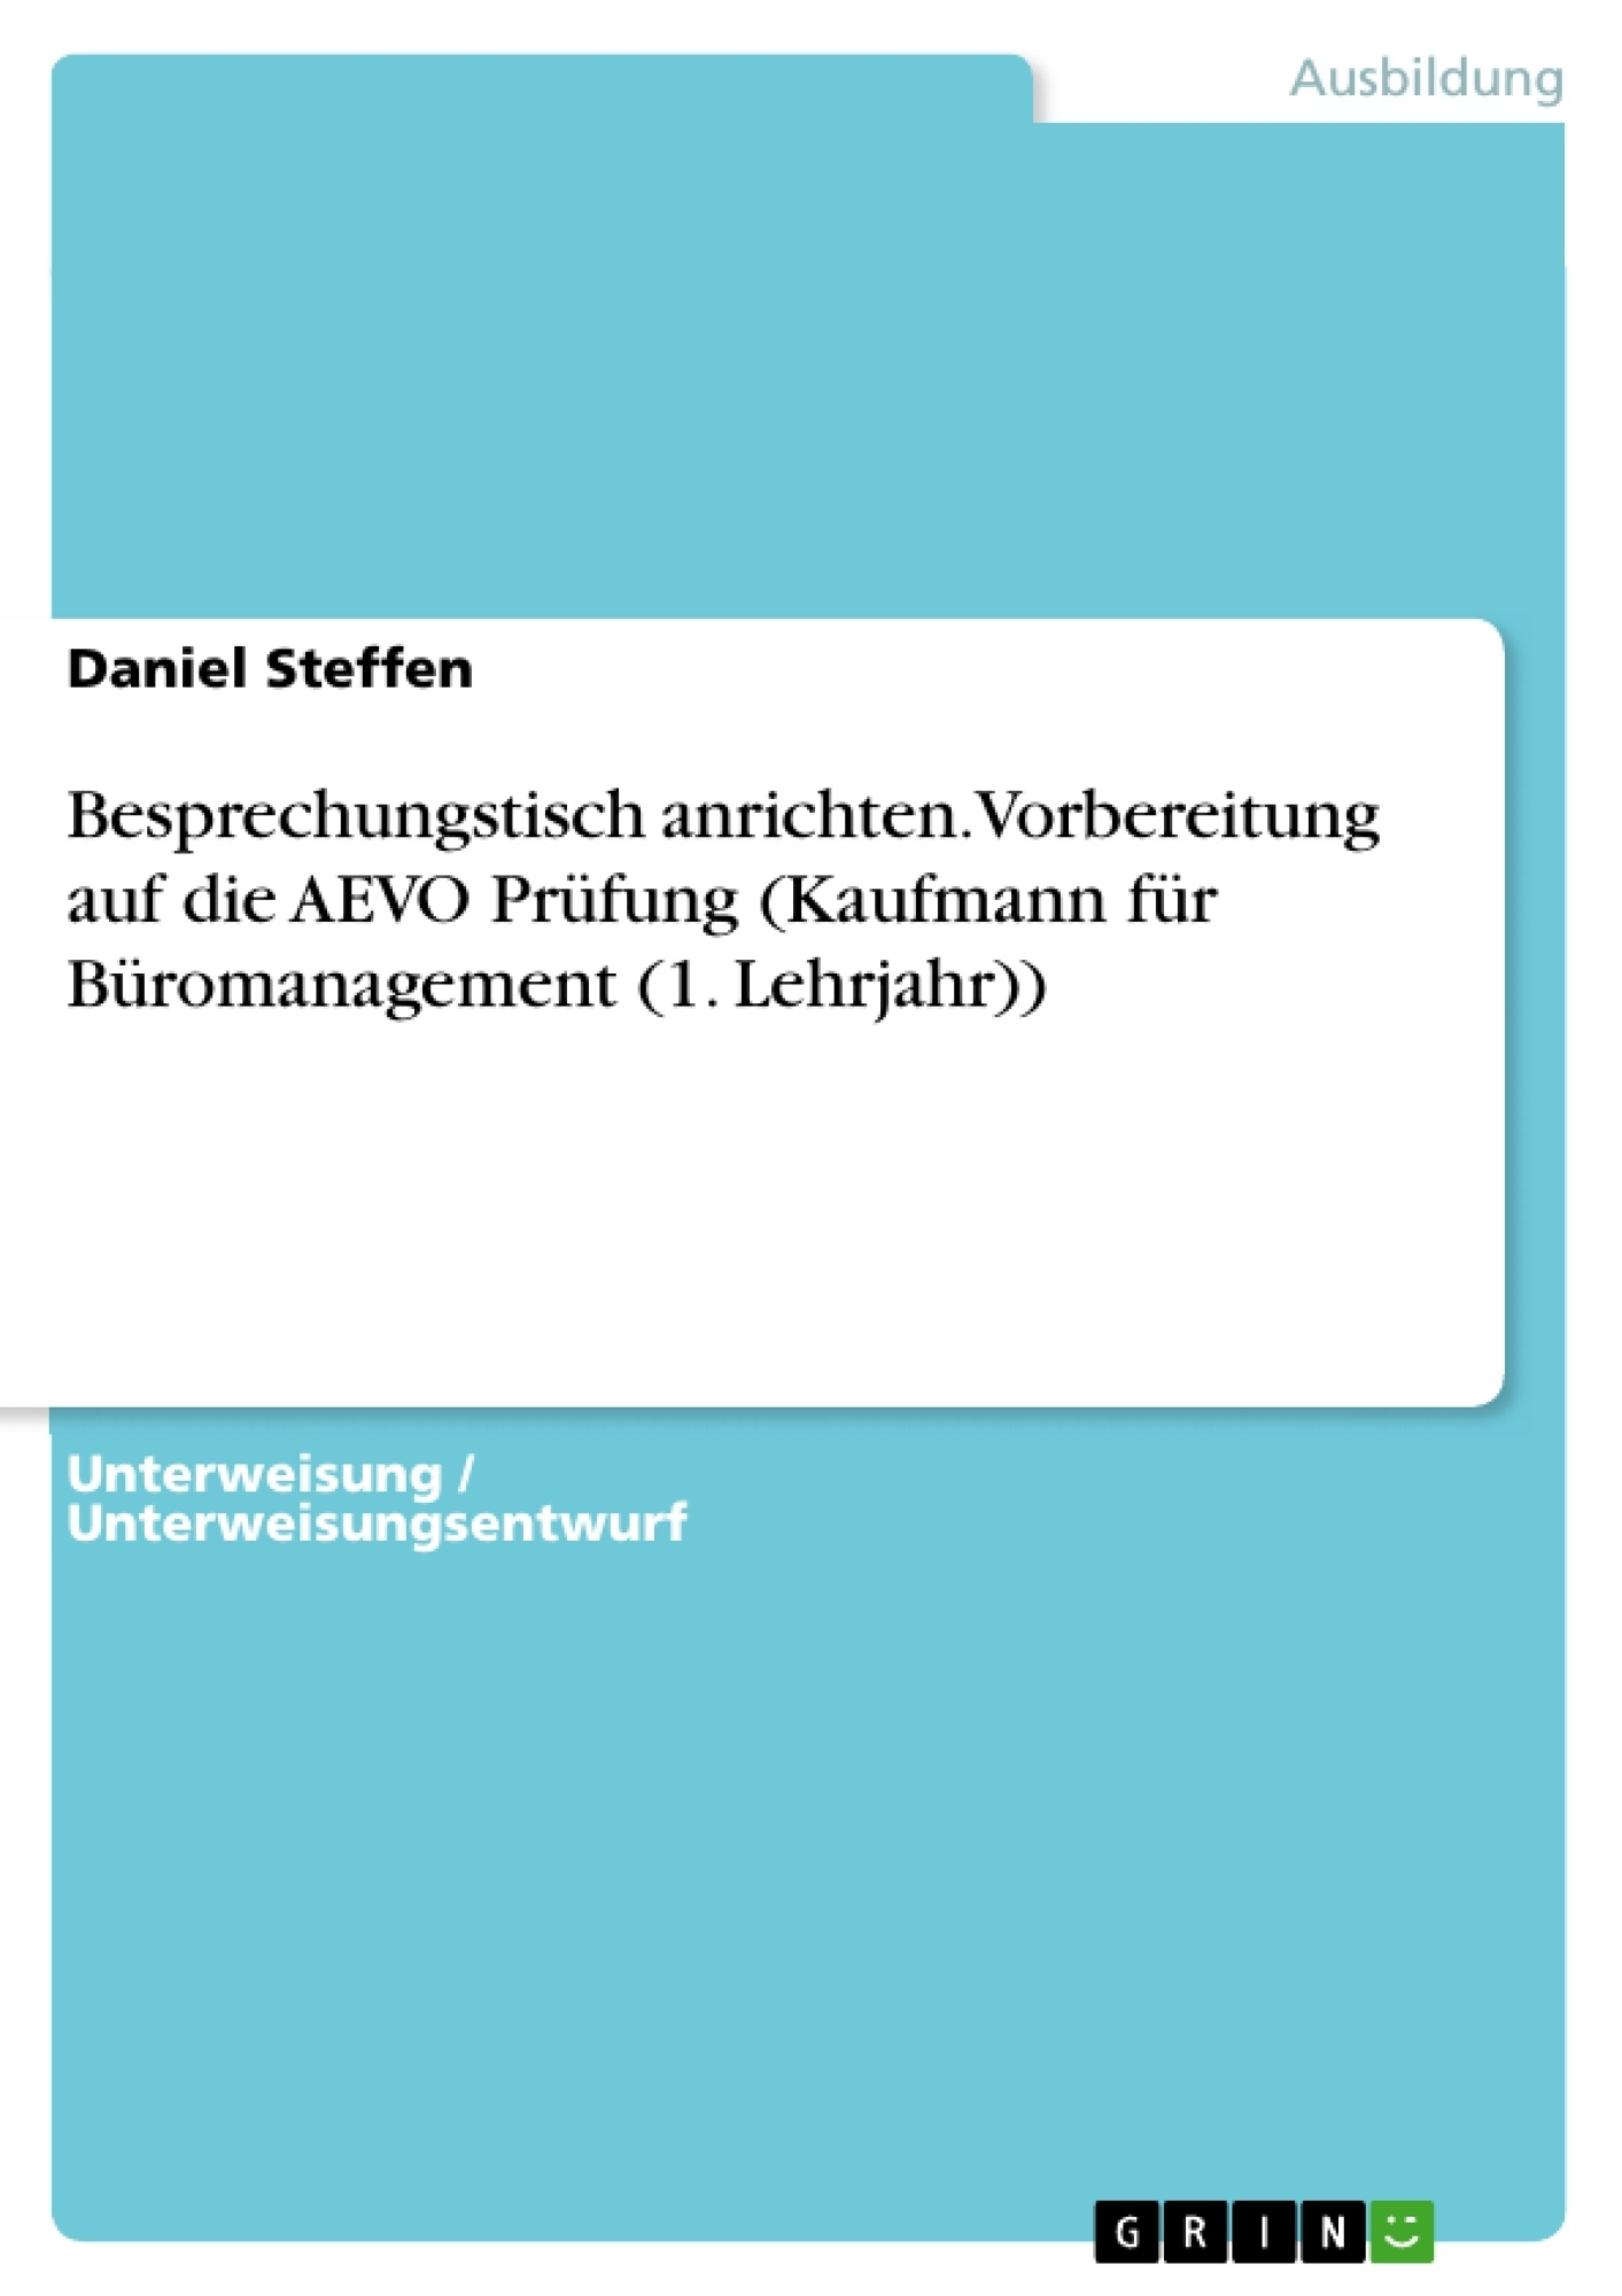 Titel: Besprechungstisch anrichten. Vorbereitung auf die AEVO Prüfung (Kaufmann für Büromanagement (1. Lehrjahr))